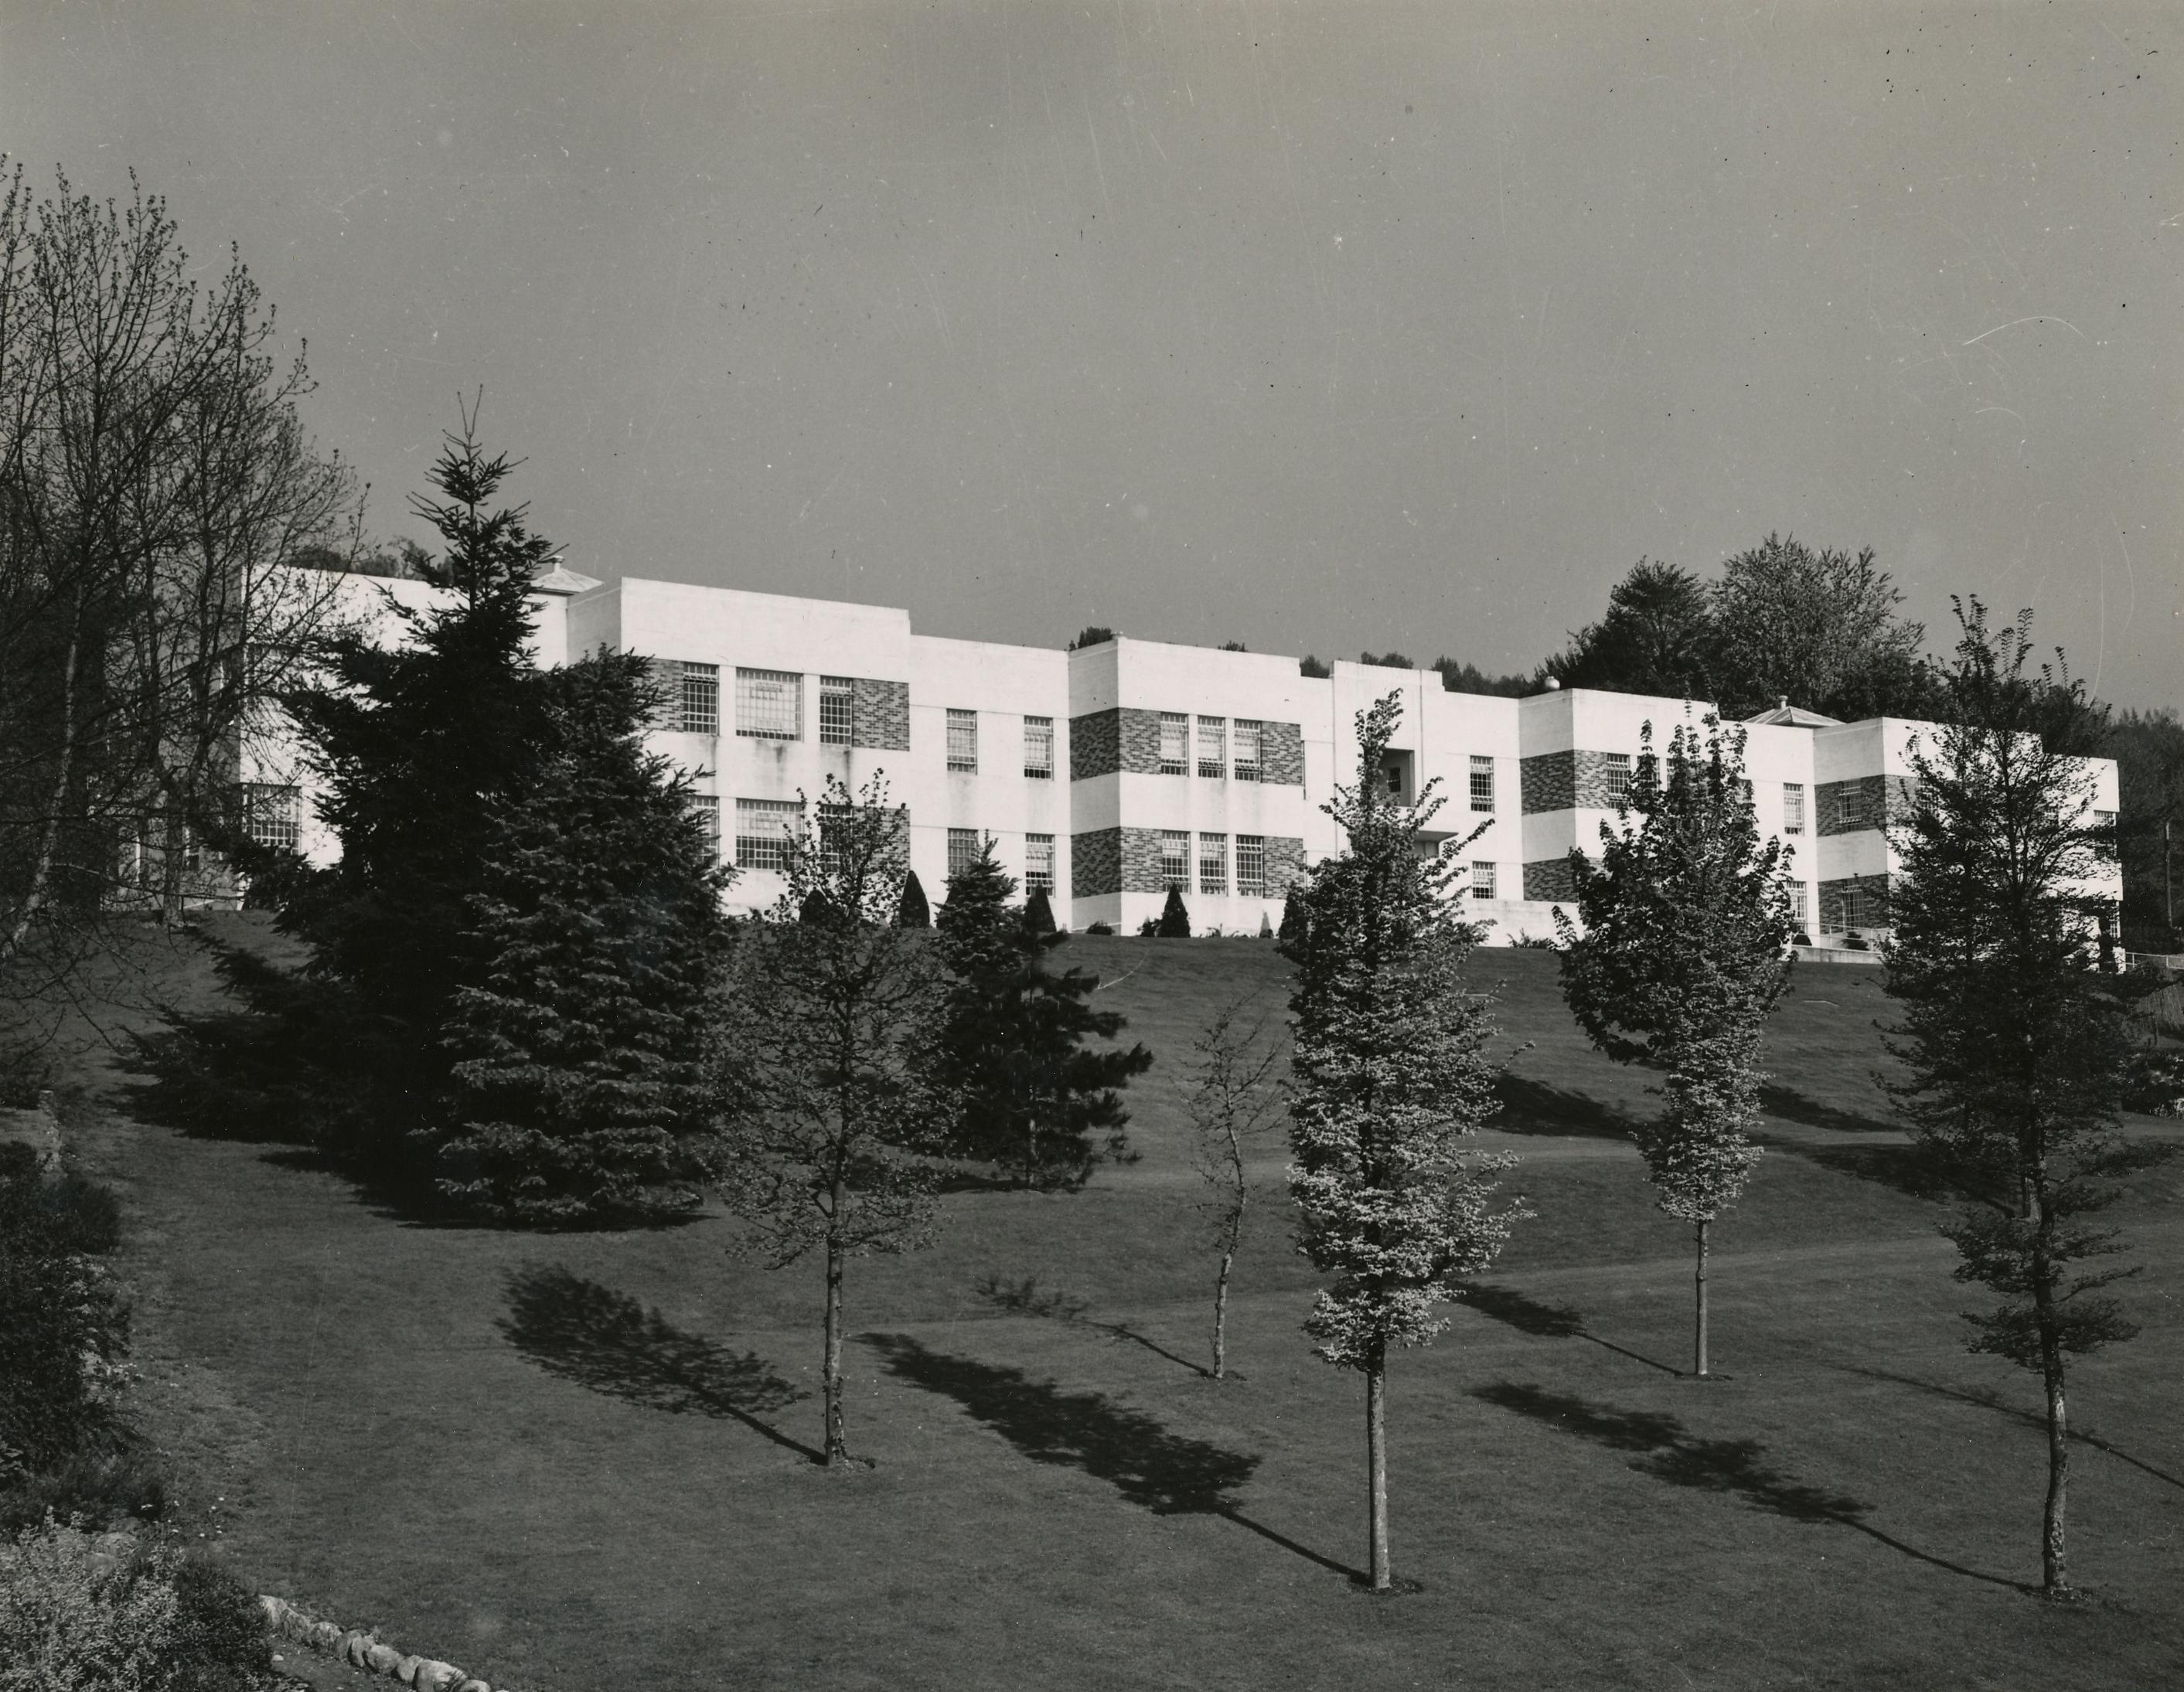 Édifice institutionnel qui ressemble ayant la forme d'un bloc d'appartements blanc de deux étages